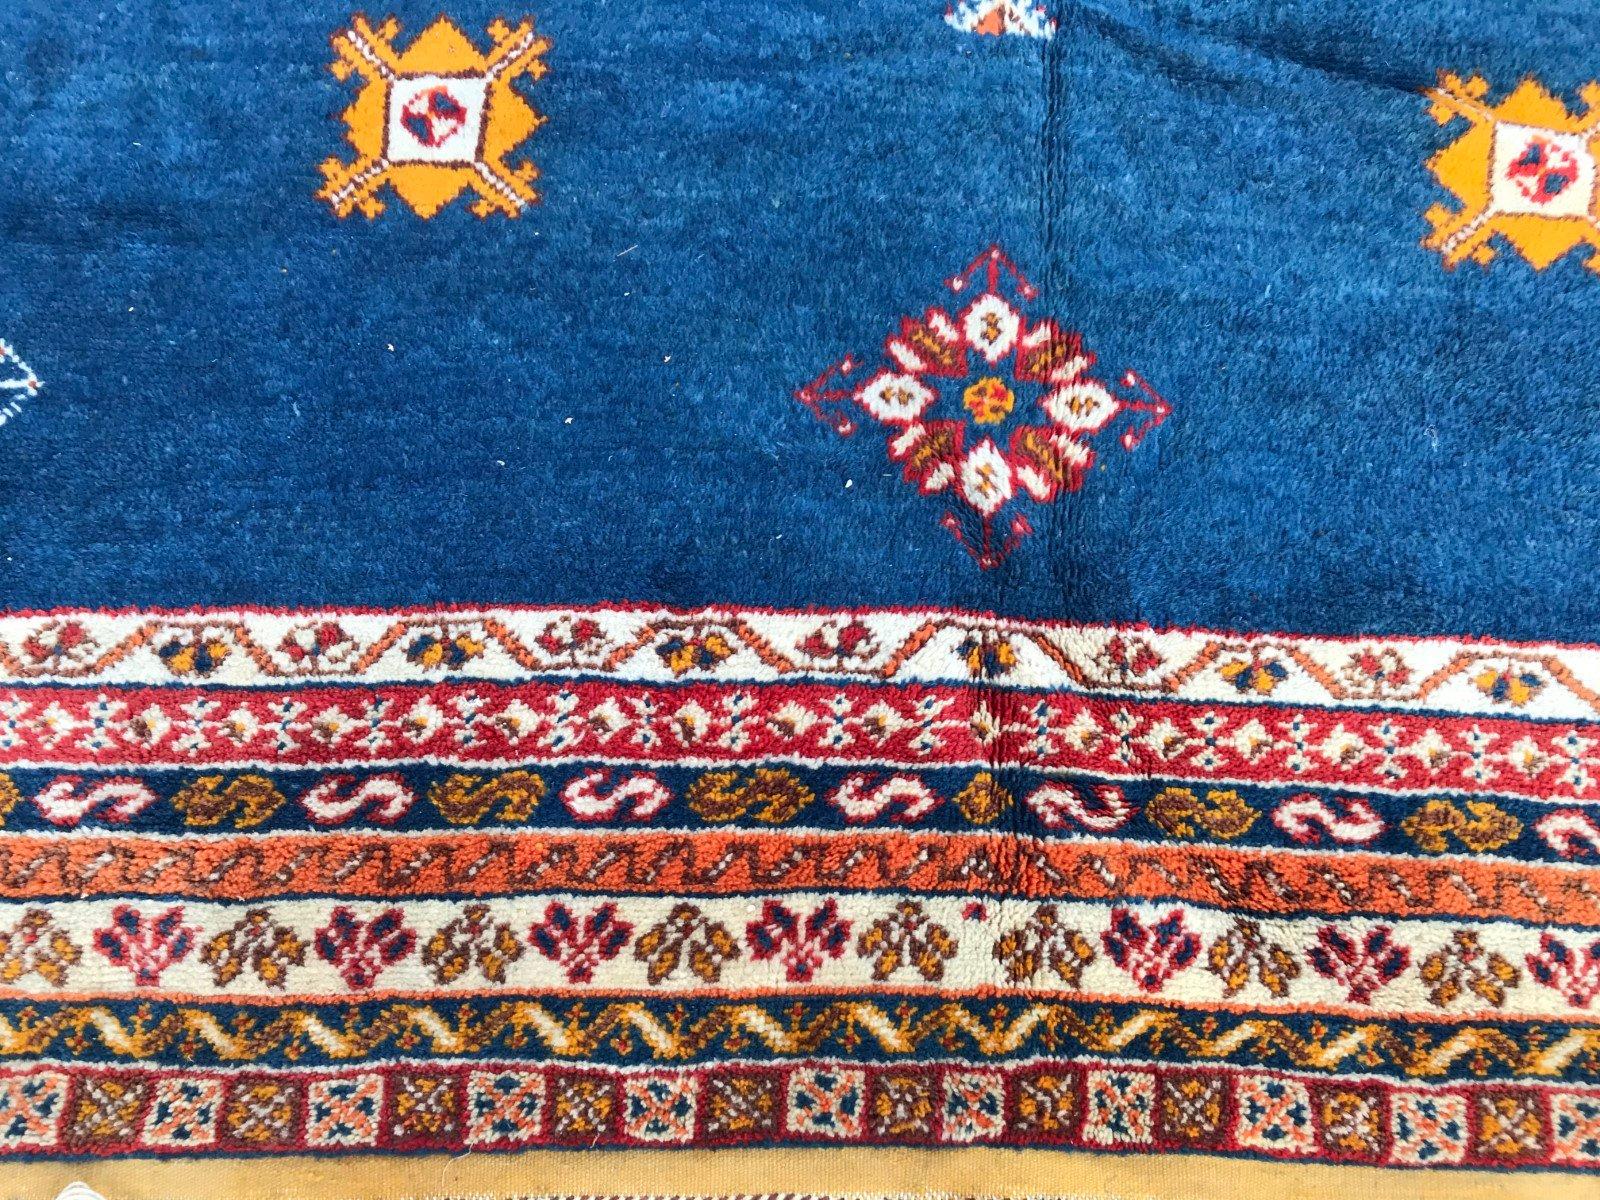 gro er marokkanischer vintage teppich bei pamono kaufen. Black Bedroom Furniture Sets. Home Design Ideas